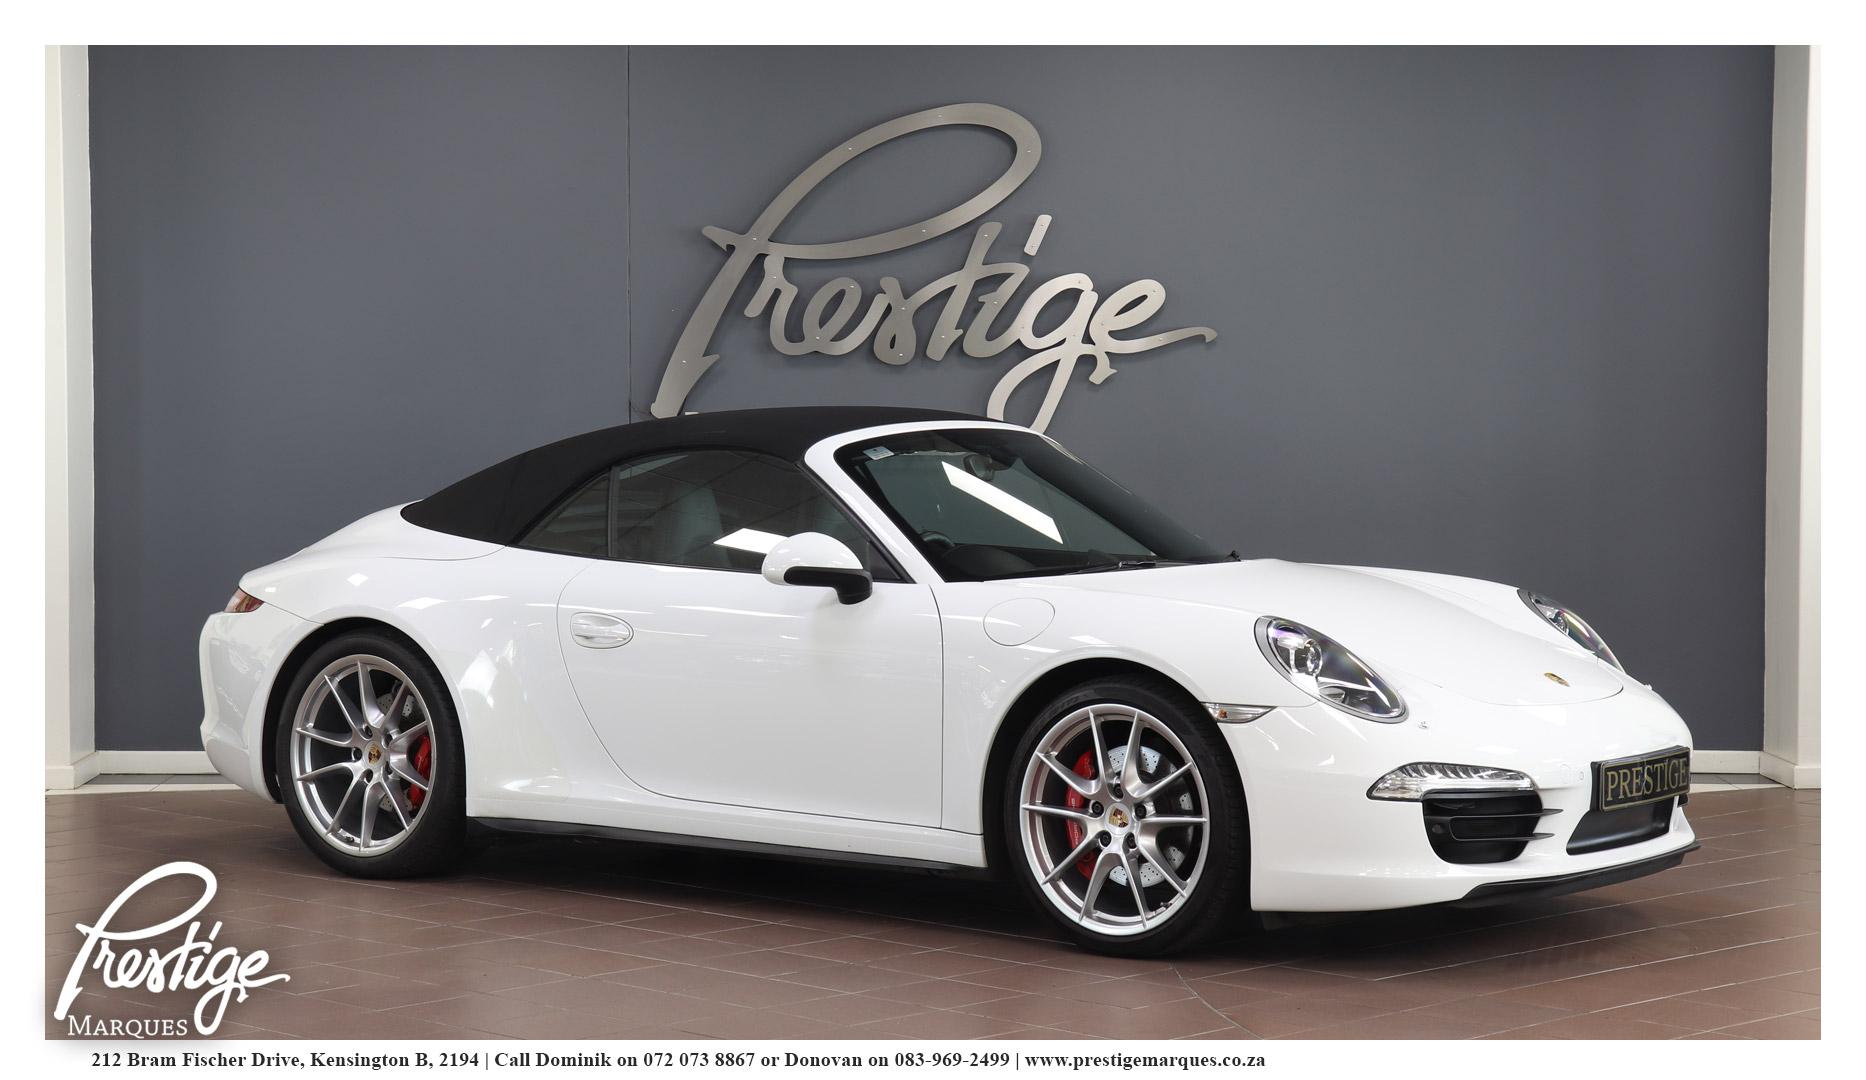 2013-Porsche-911-991-Carrera-4s-PDK-Cabriolet-Prestige-Marques-Randburg-Sandton-2